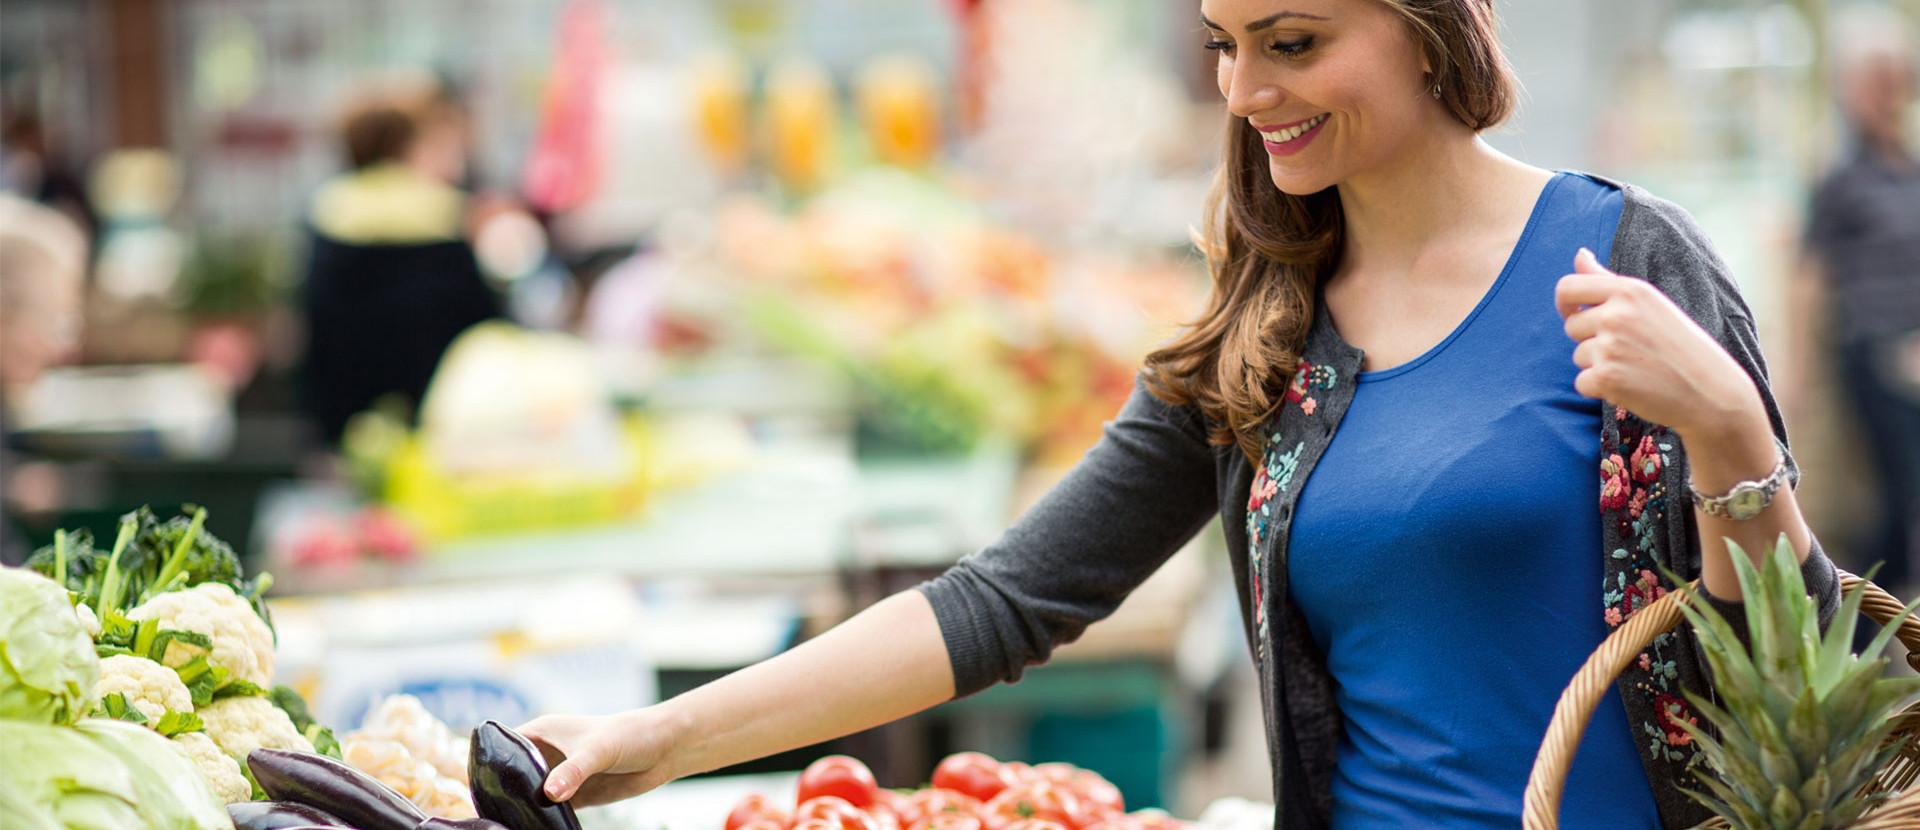 Frau mit Korb in einer Obst- und Gemüseabteilung